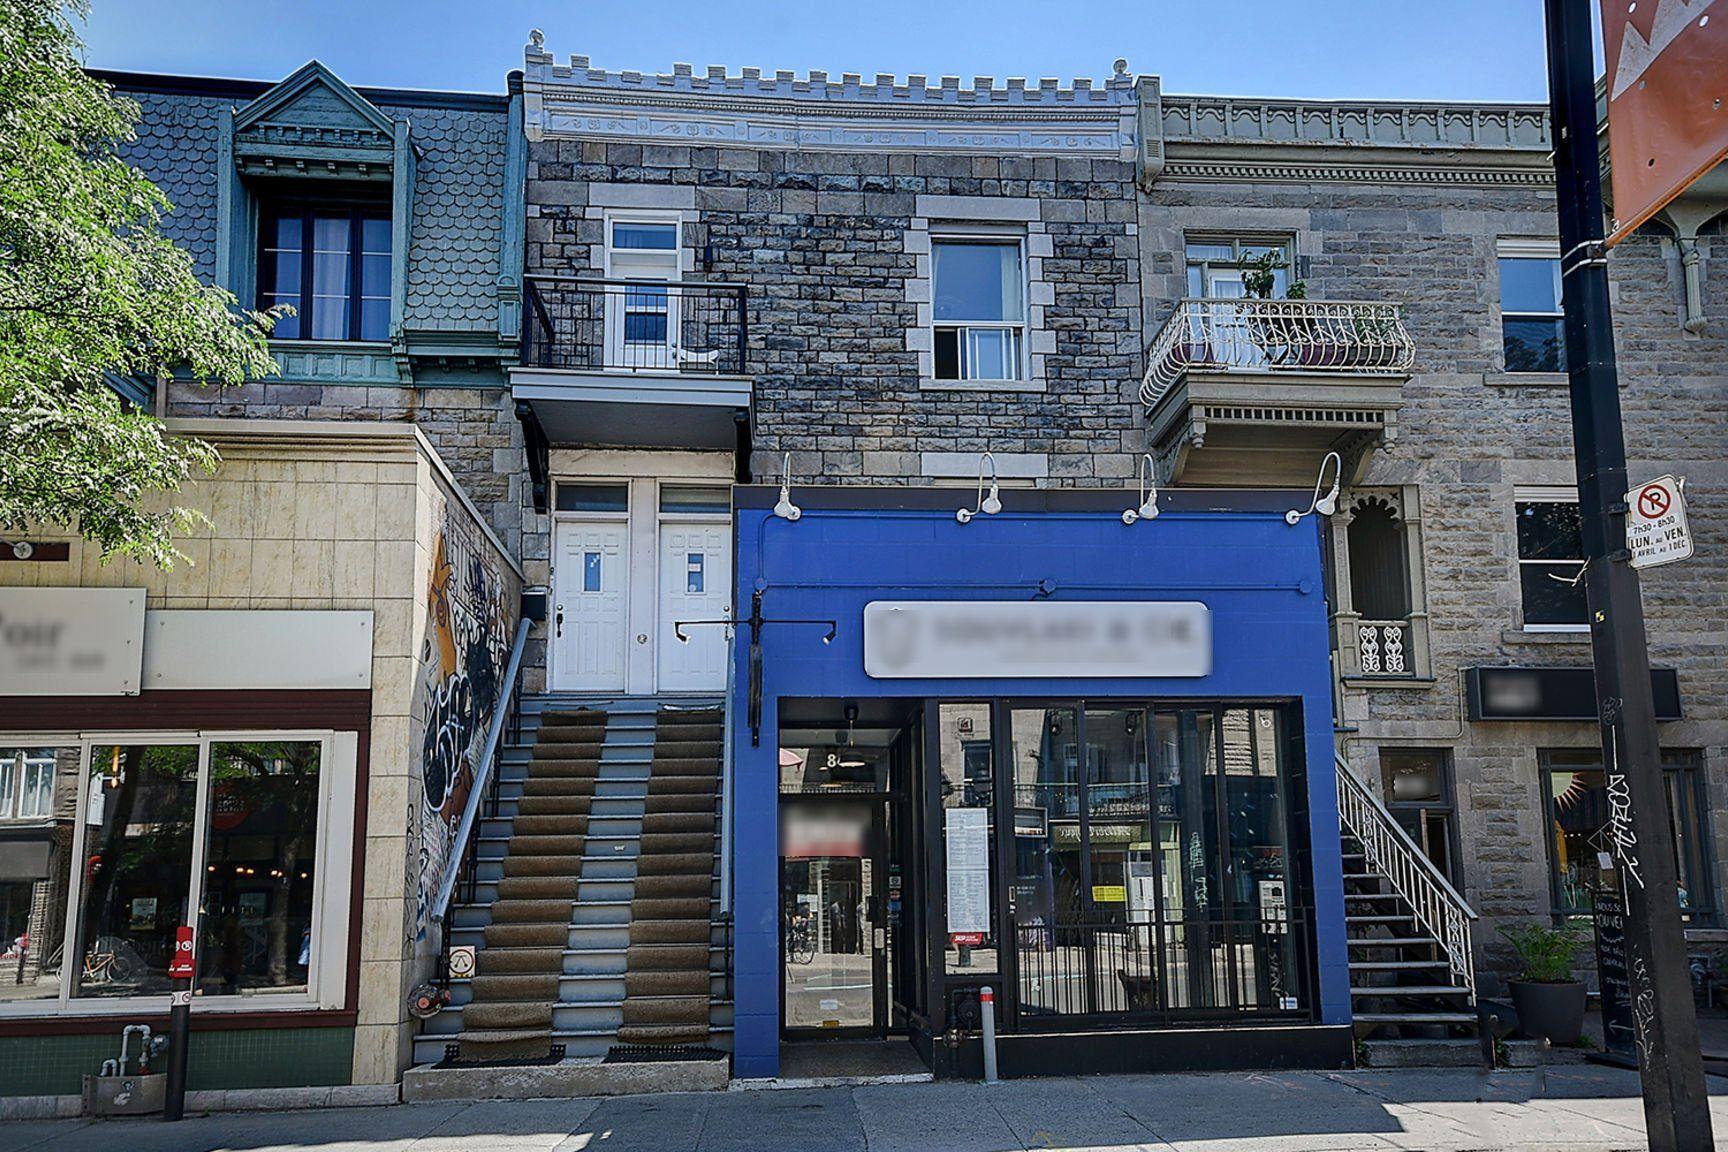 Vente Local commercial pour restaurant, café, bar à Montréal